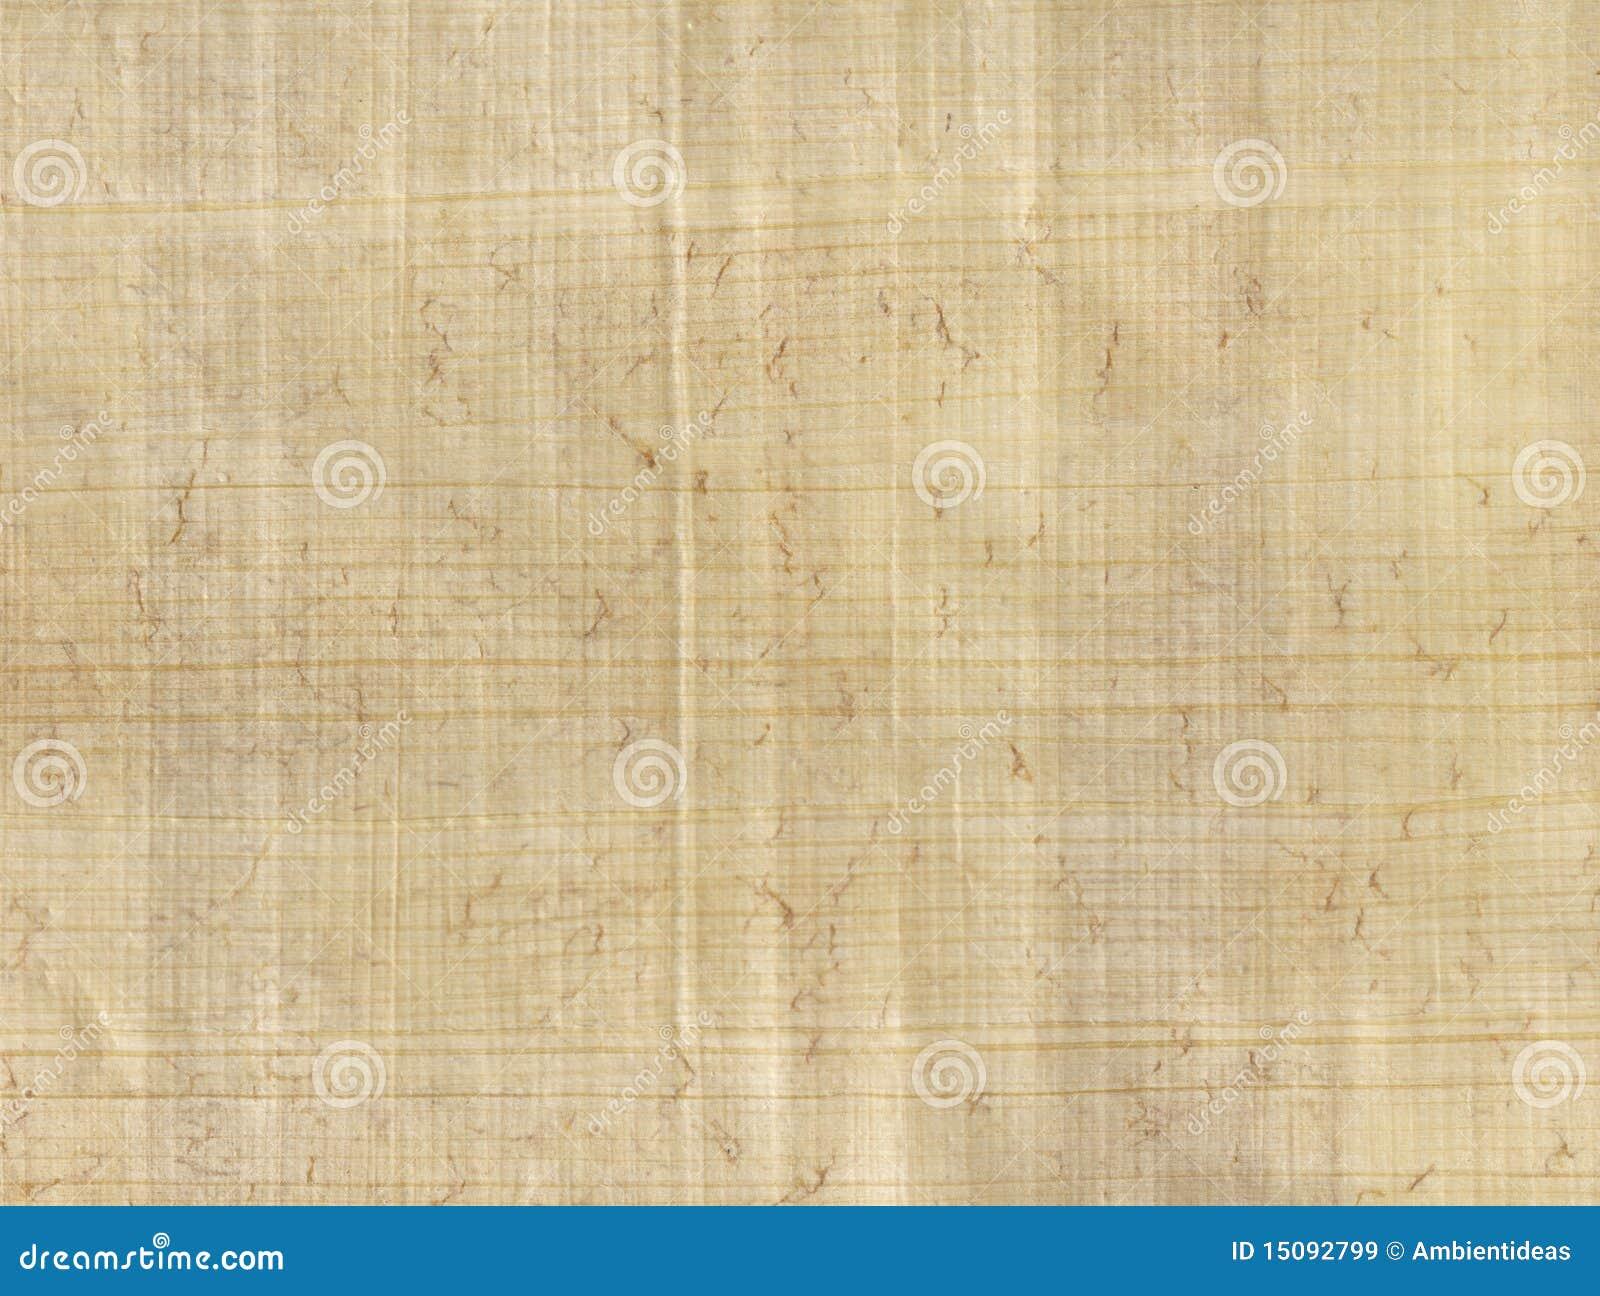 Magna Carta Topics